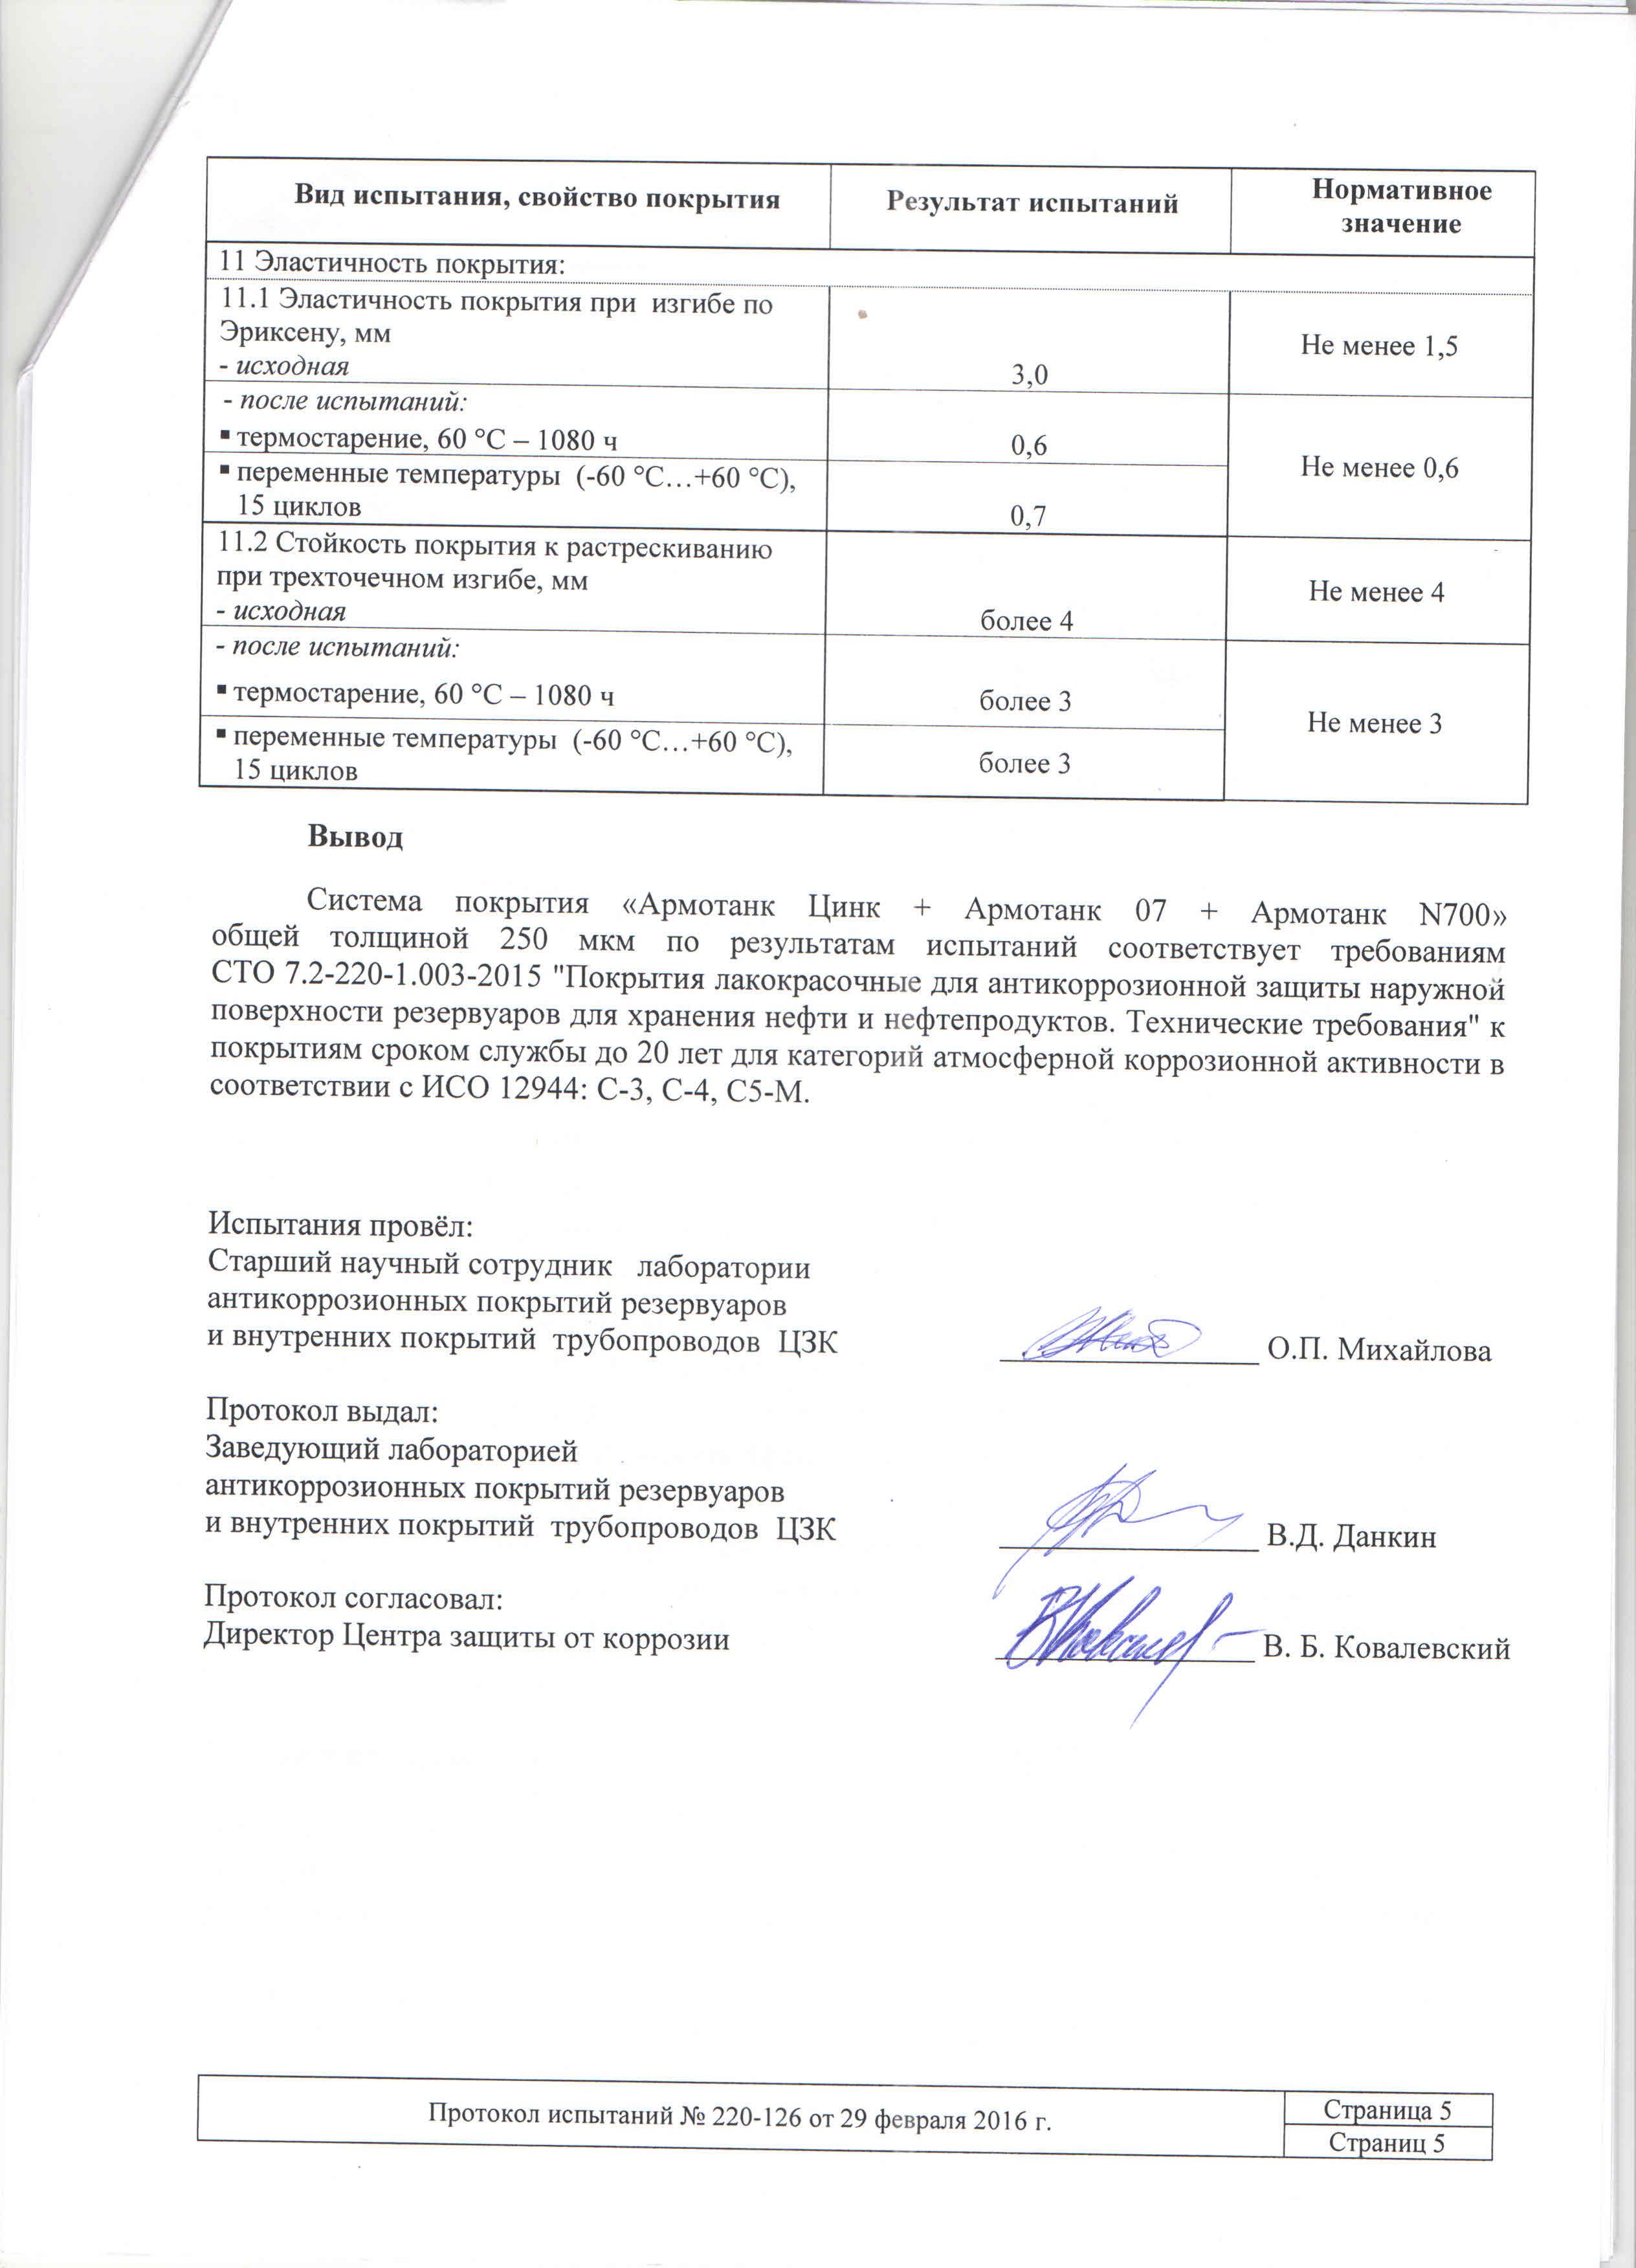 ВНИИСТ Цинк+07+N700 для резервуаров; С-3,С-4,С5-М-20 лет+Протокол №220-126_Страница_6